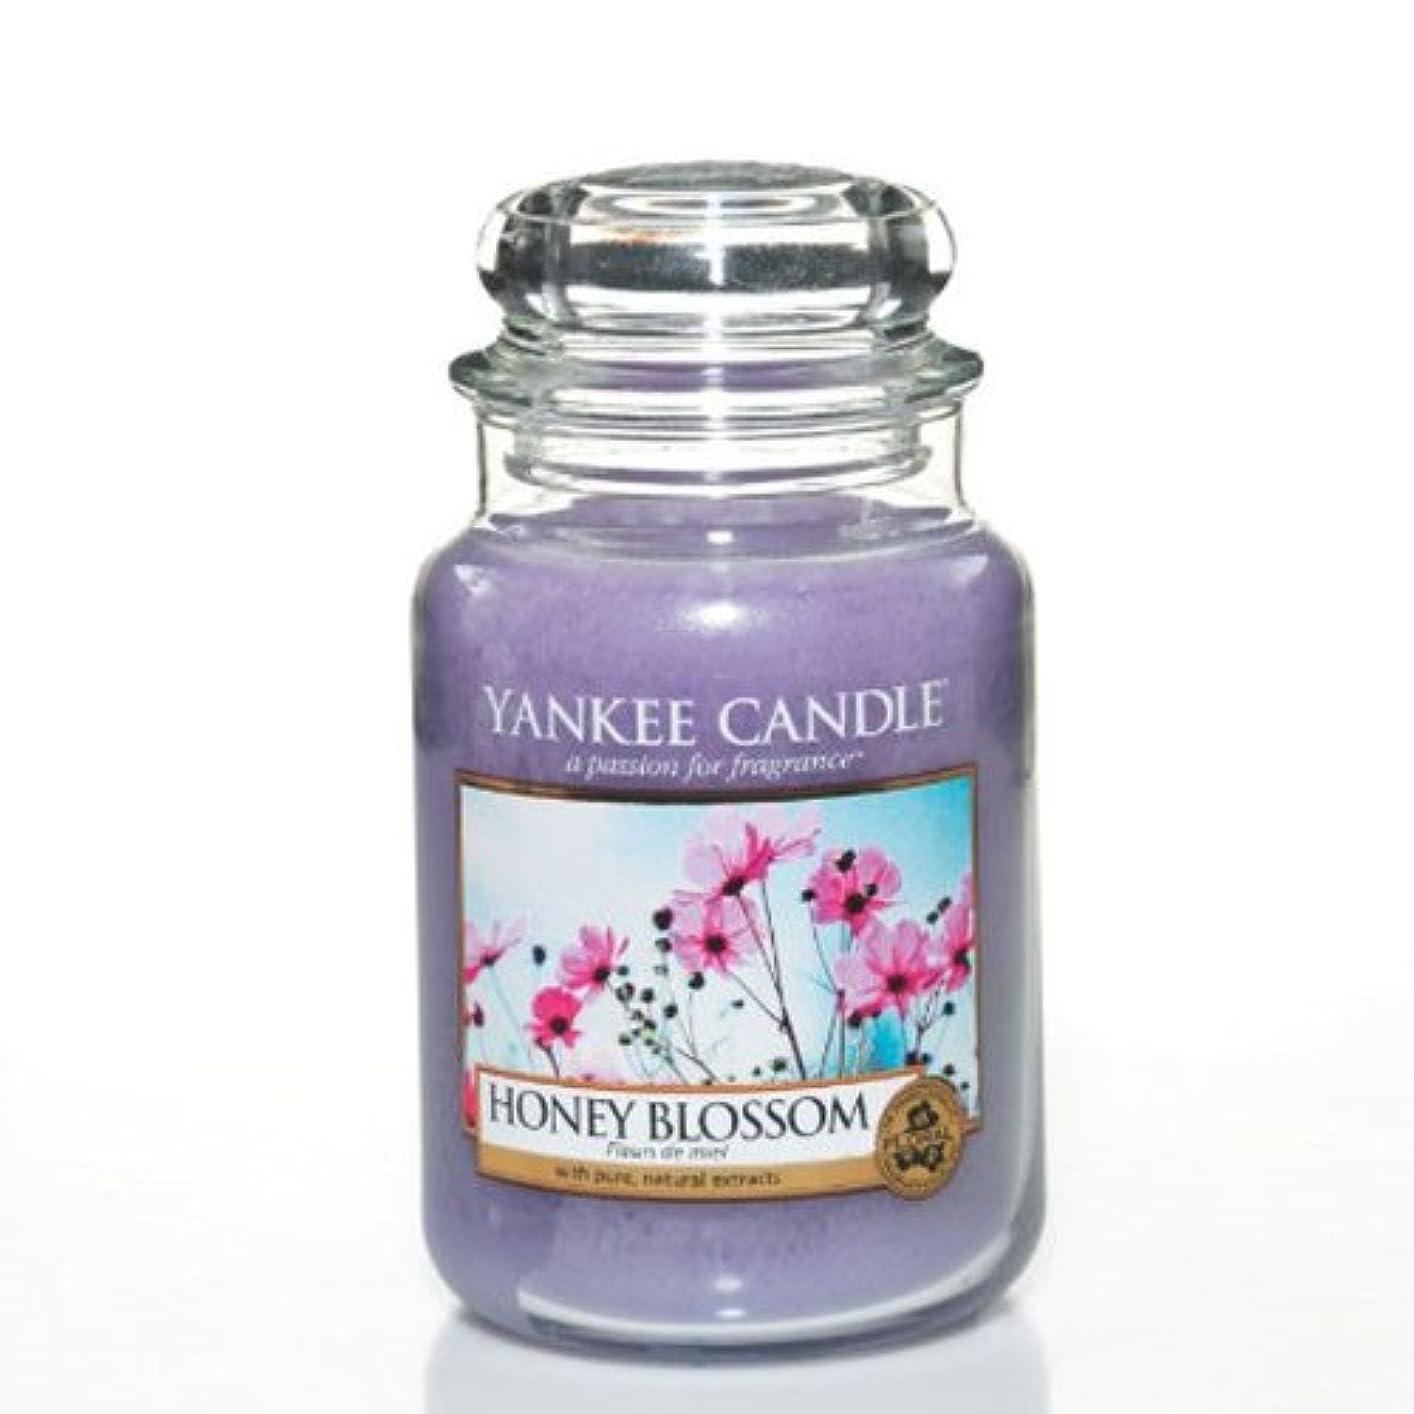 推定将来の使役YankeeキャンドルLarge Jar Candle – Honey Blossom